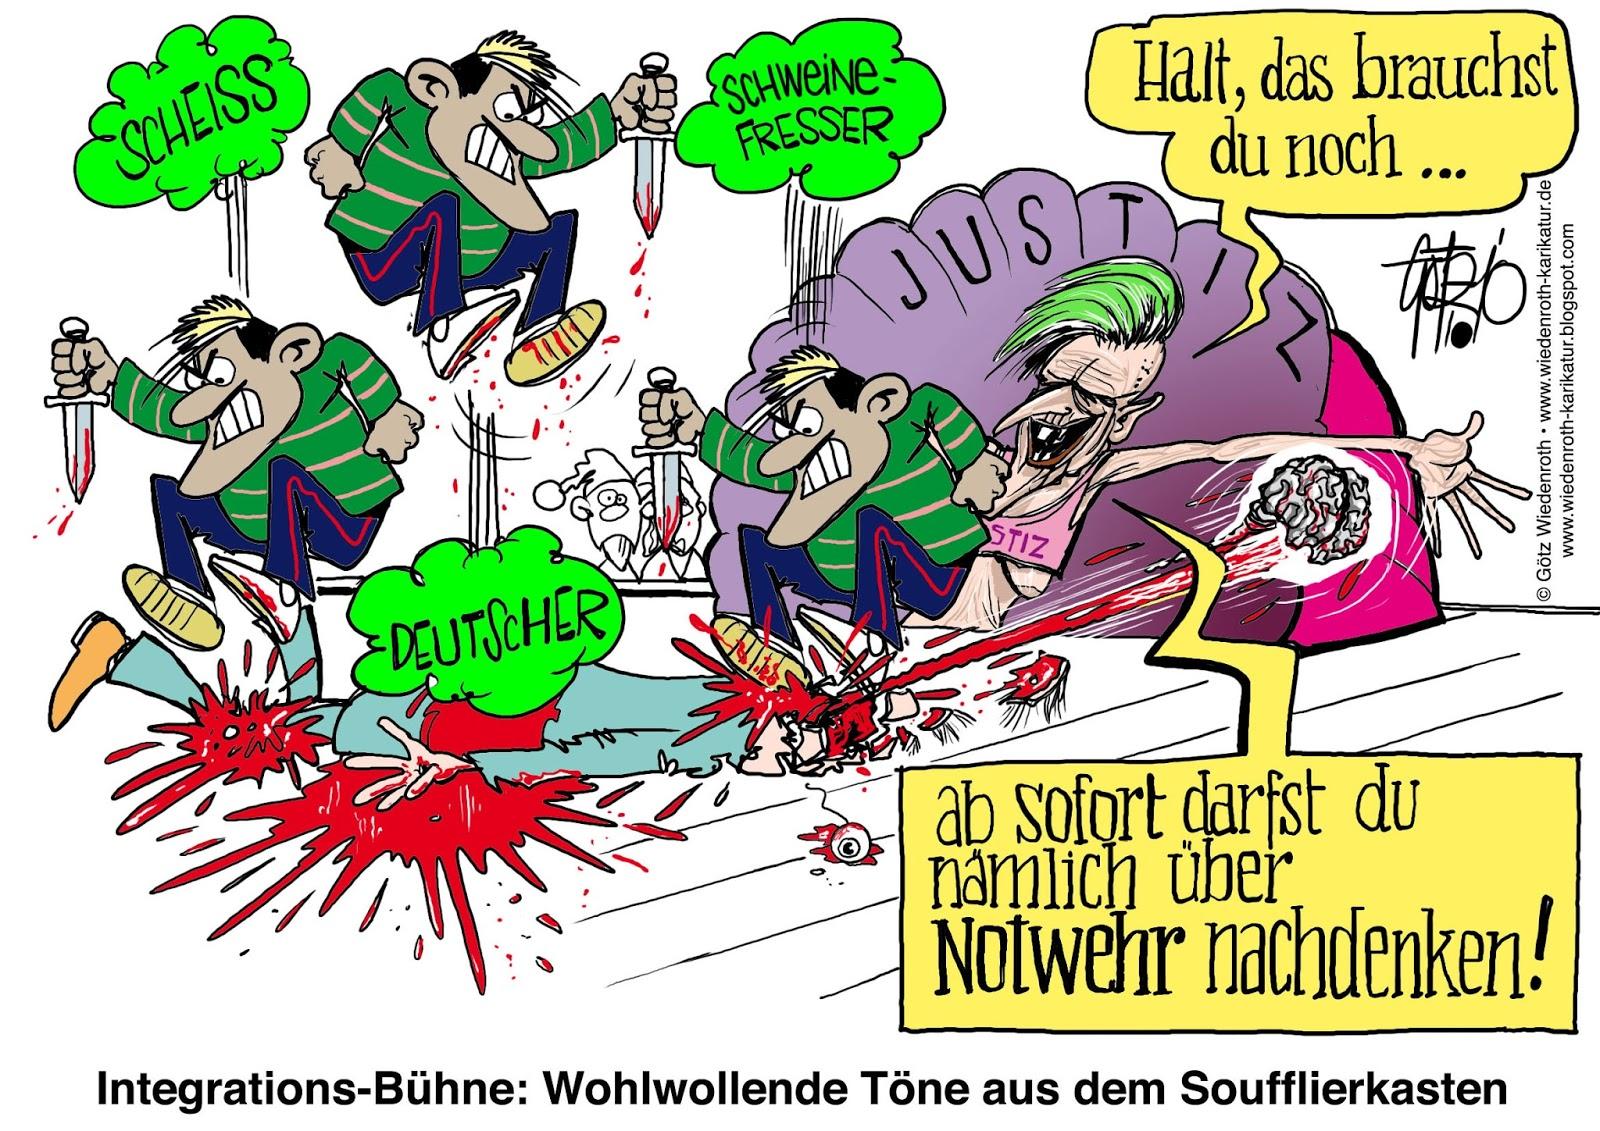 """Lügenpresse: """"Wuppertaler Rundschau"""" unterschlägt offenbare """"Kulturbereicherung"""" im """"Haus der Integration"""""""